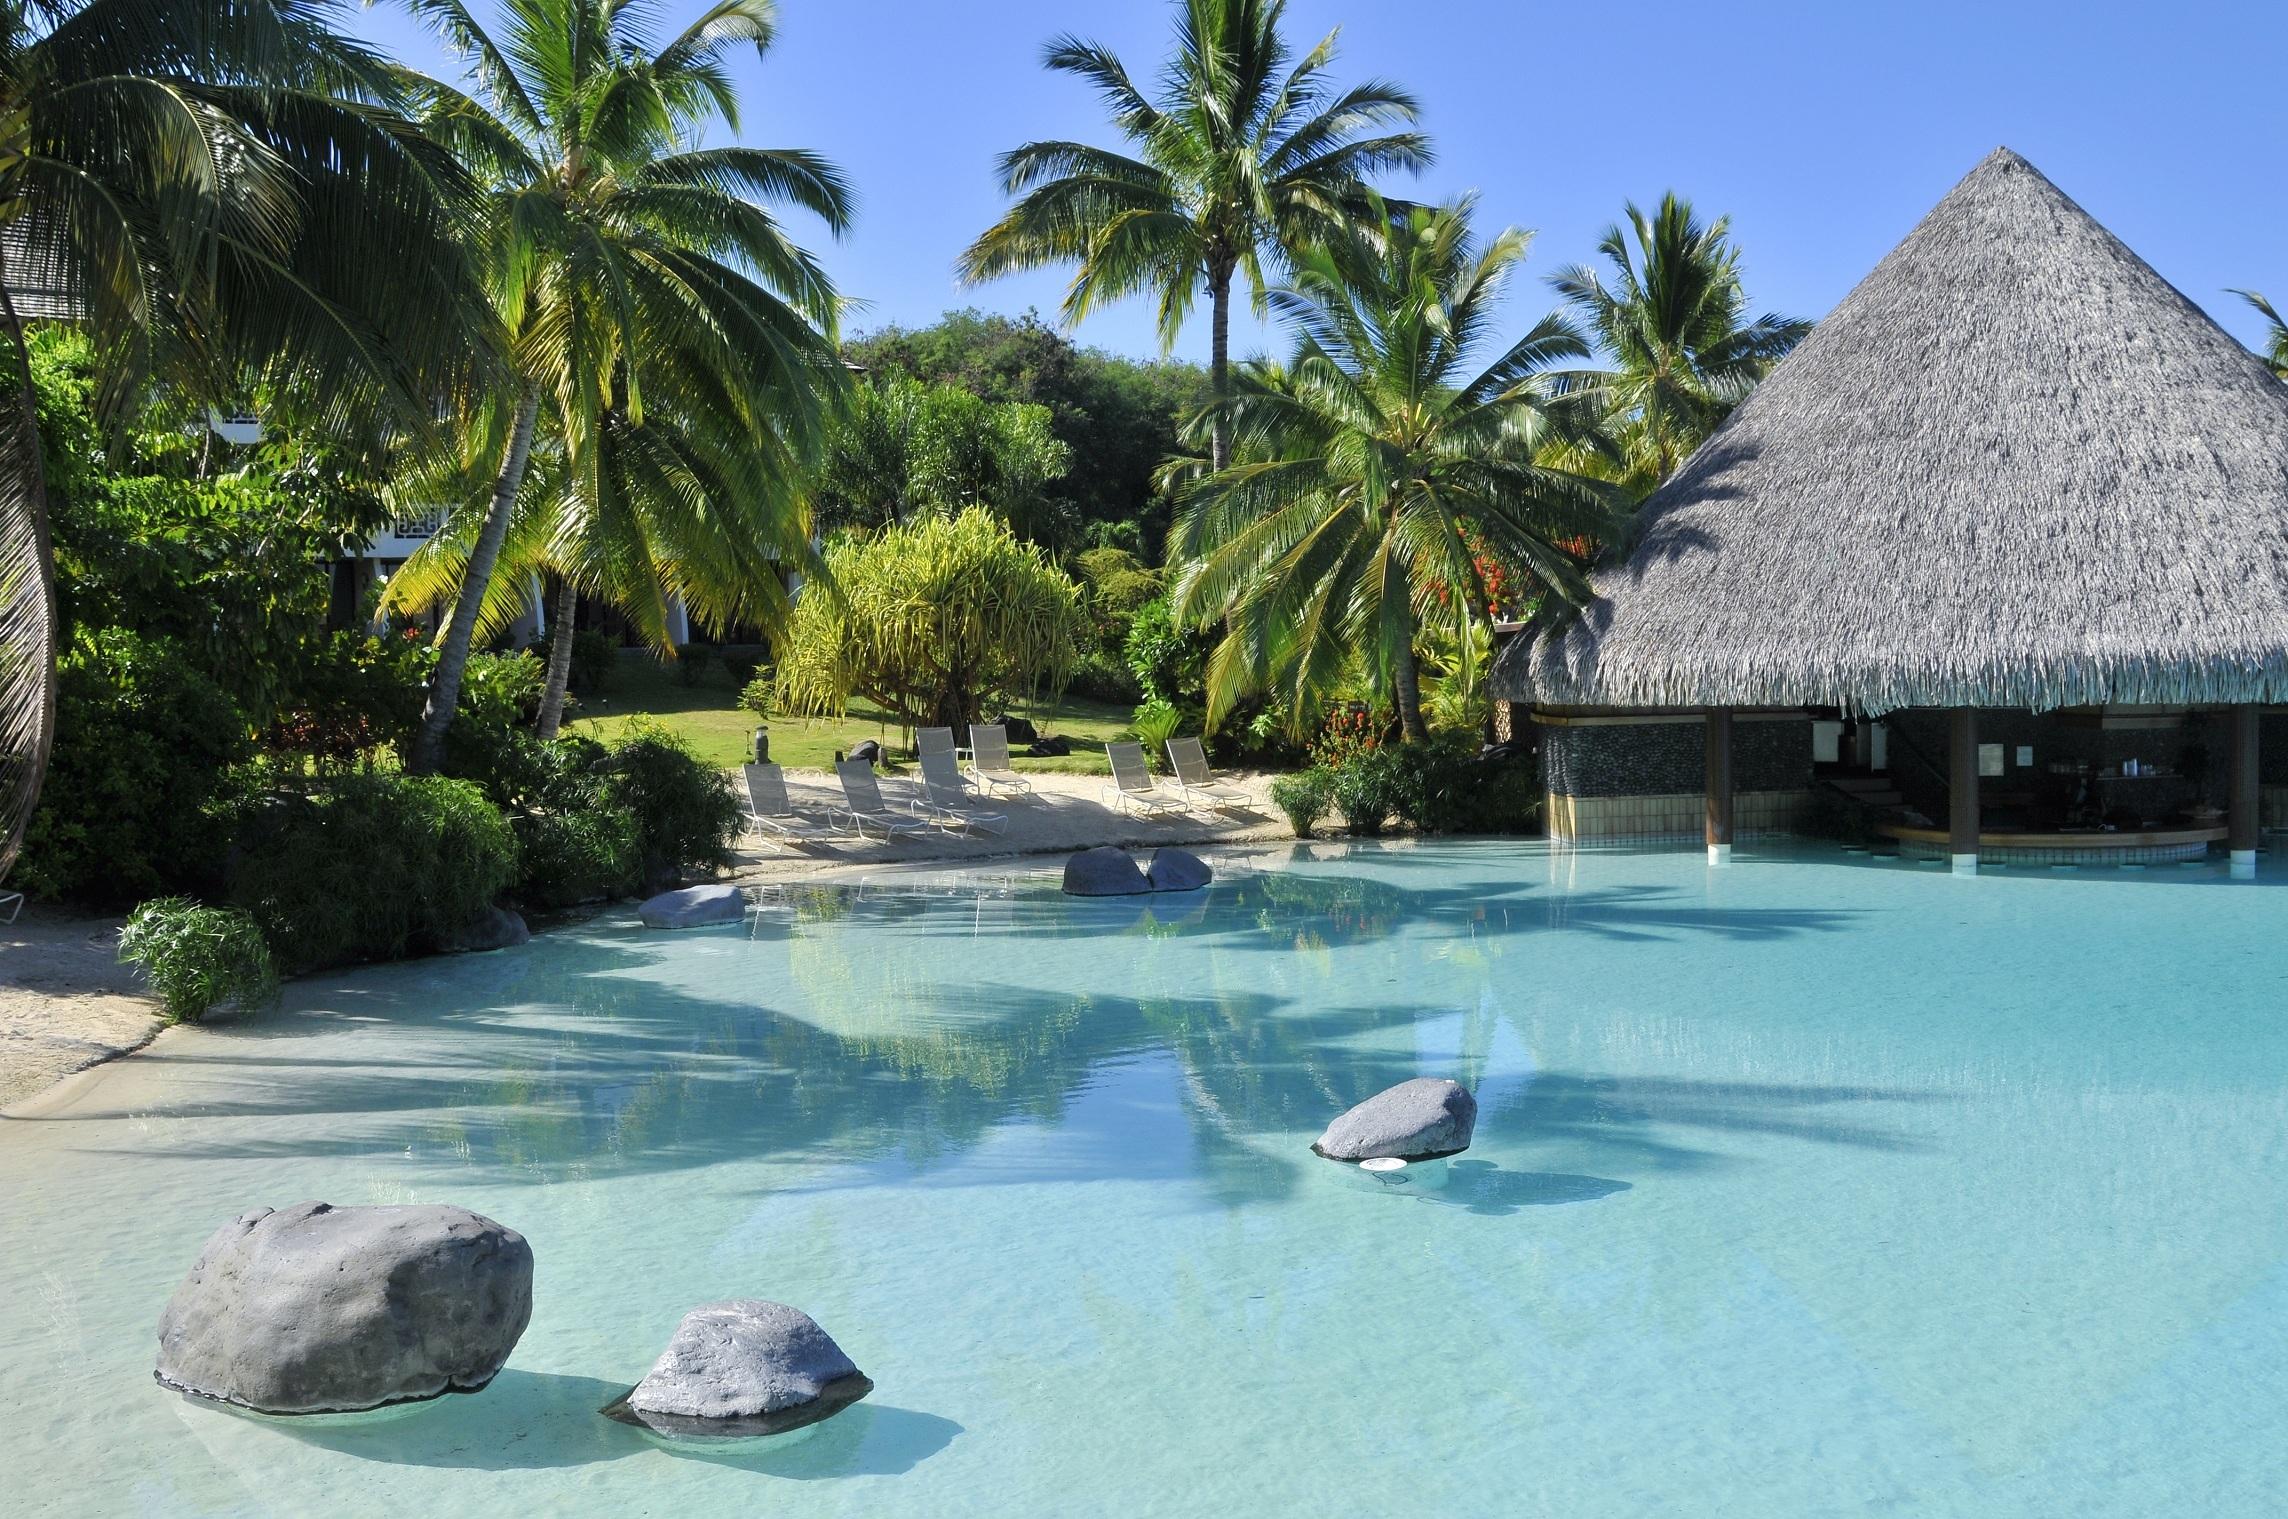 大溪地岛8日6晚自由行·蜜月游 沙滩别墅和水上小屋入住 尽享受